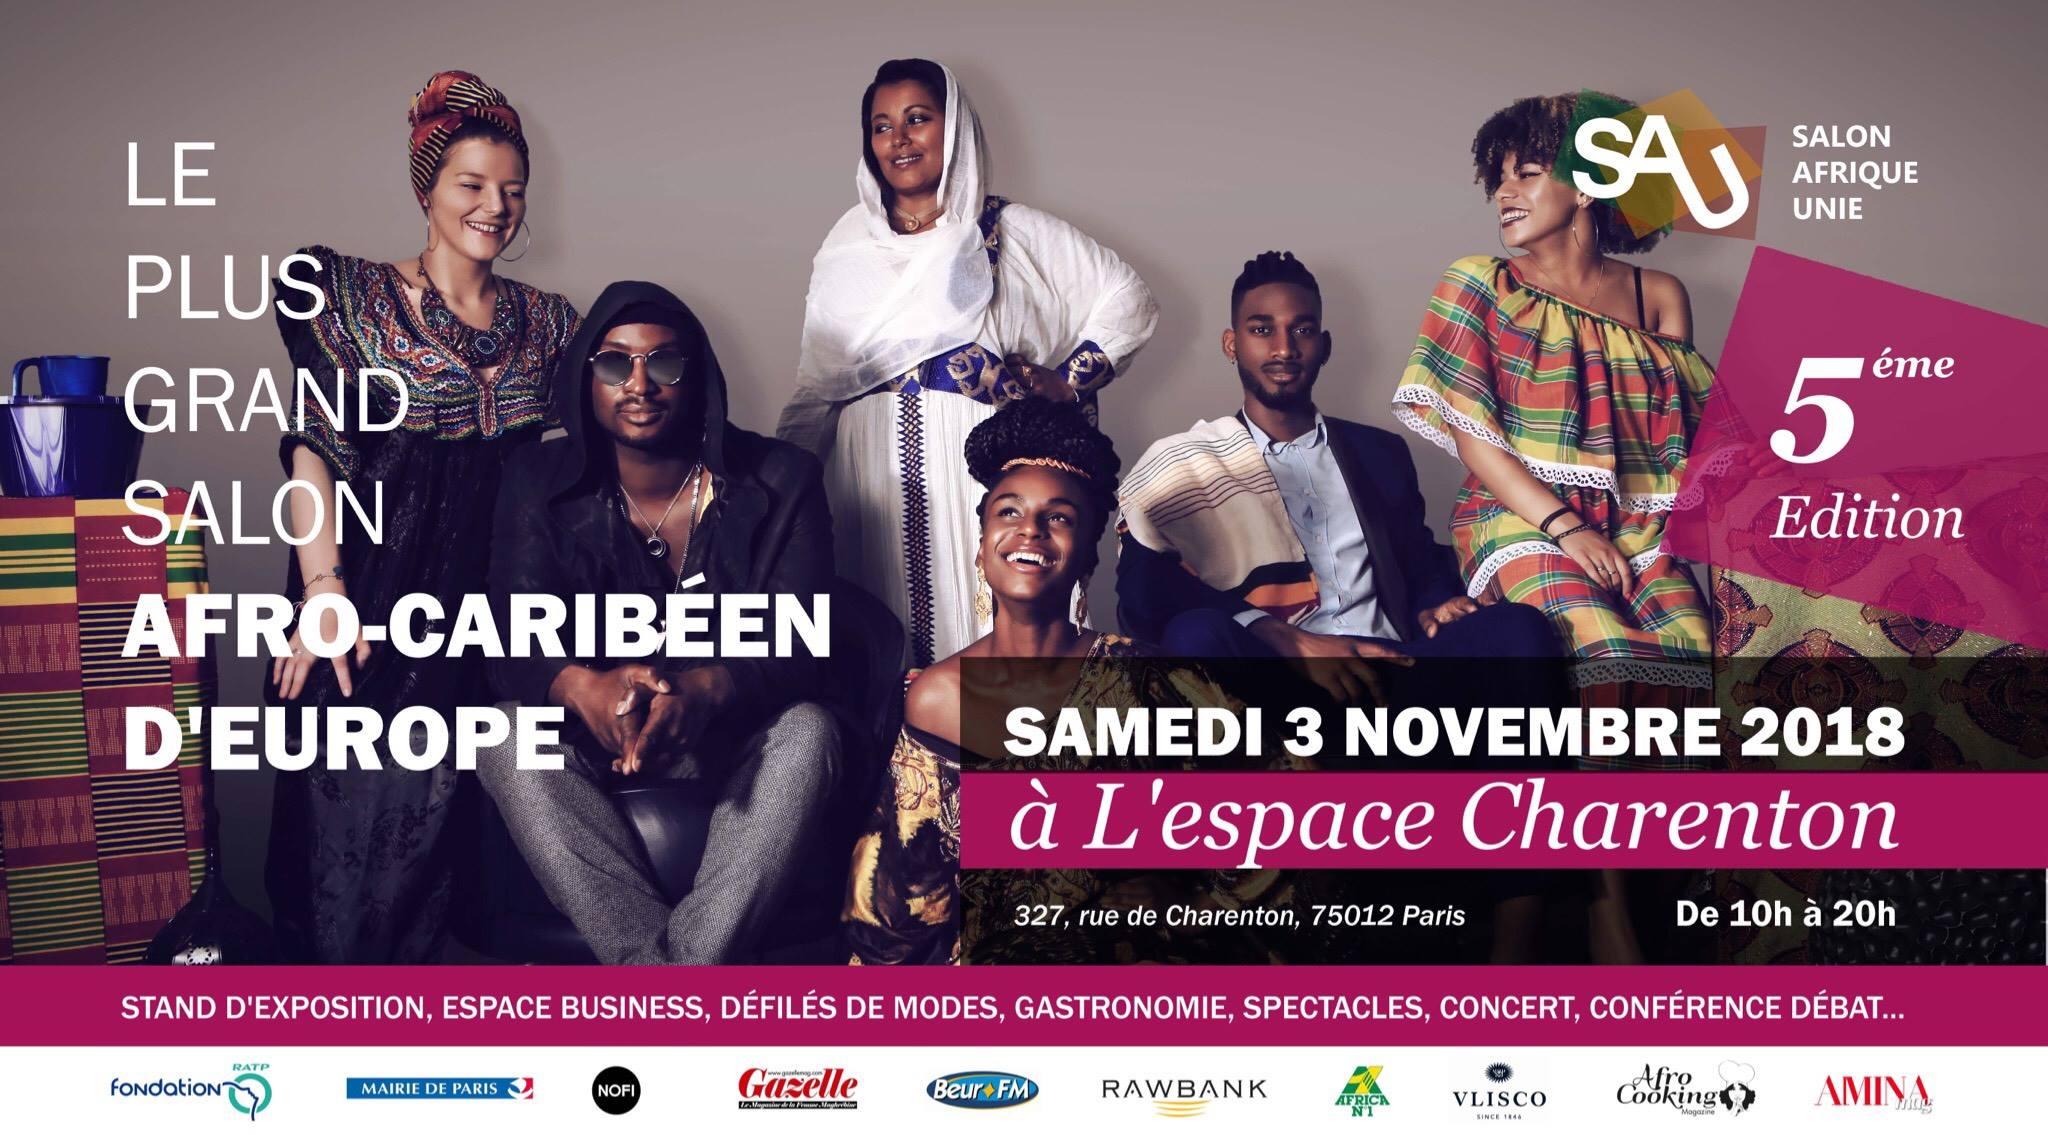 salon-afrique-unie-2018